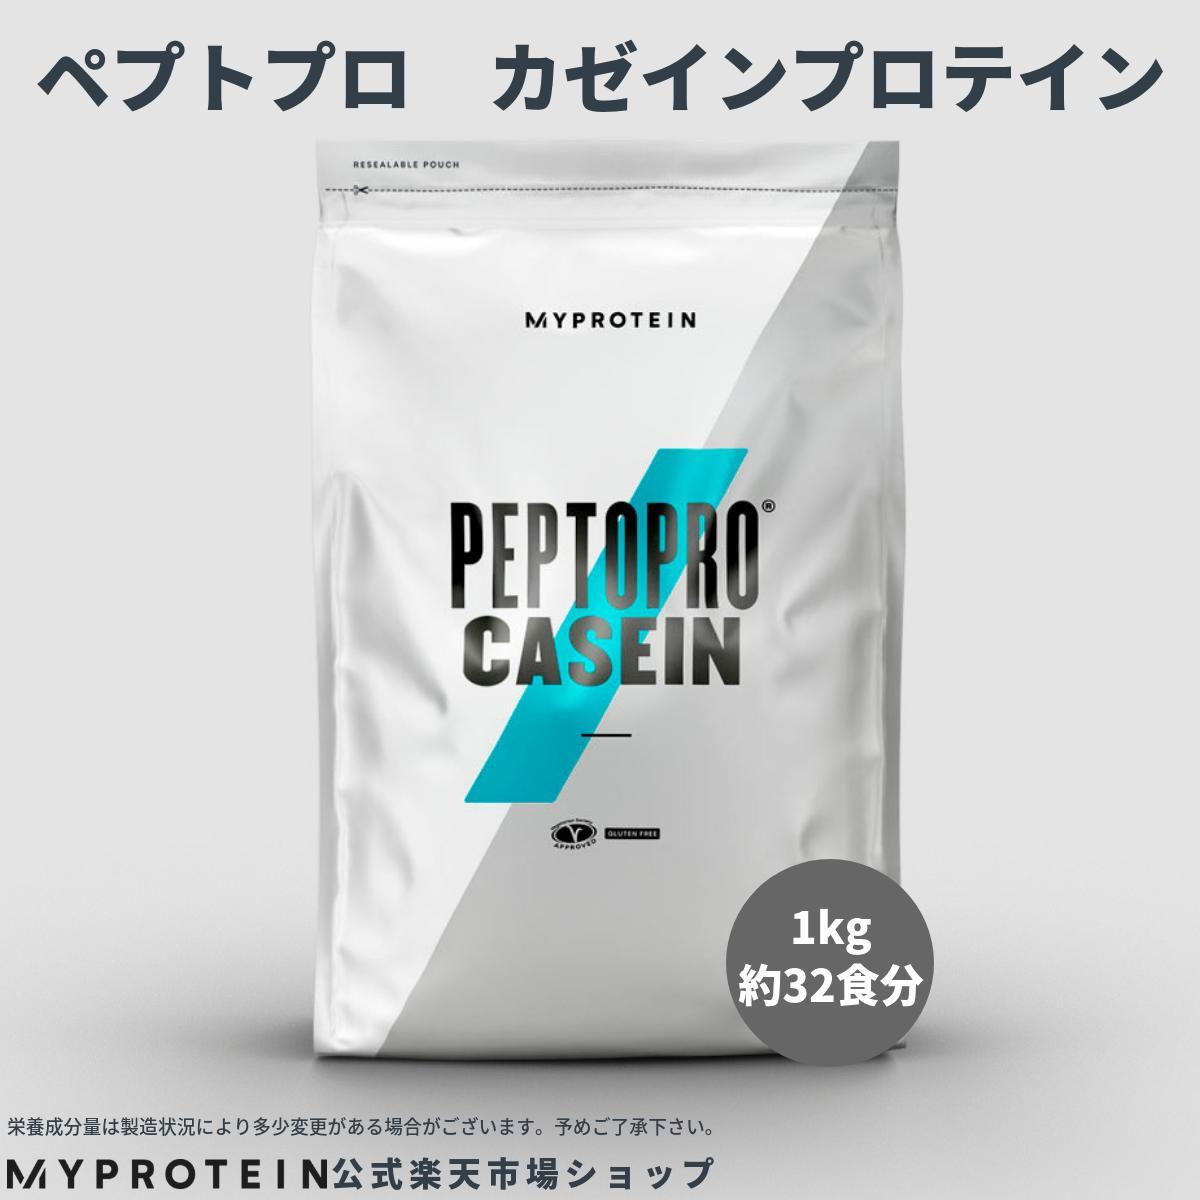 マイプロテイン 公式 【MyProtein】 ペプトプロ カゼイン (加水分解カゼインプロテイン) 1kg 約32食分  プロテイン カゼイン カゼインプロテイン アミノ酸 ダイエット バルクアップ ボディーメイク リカバリー 回復 グルタミン マグネシウム